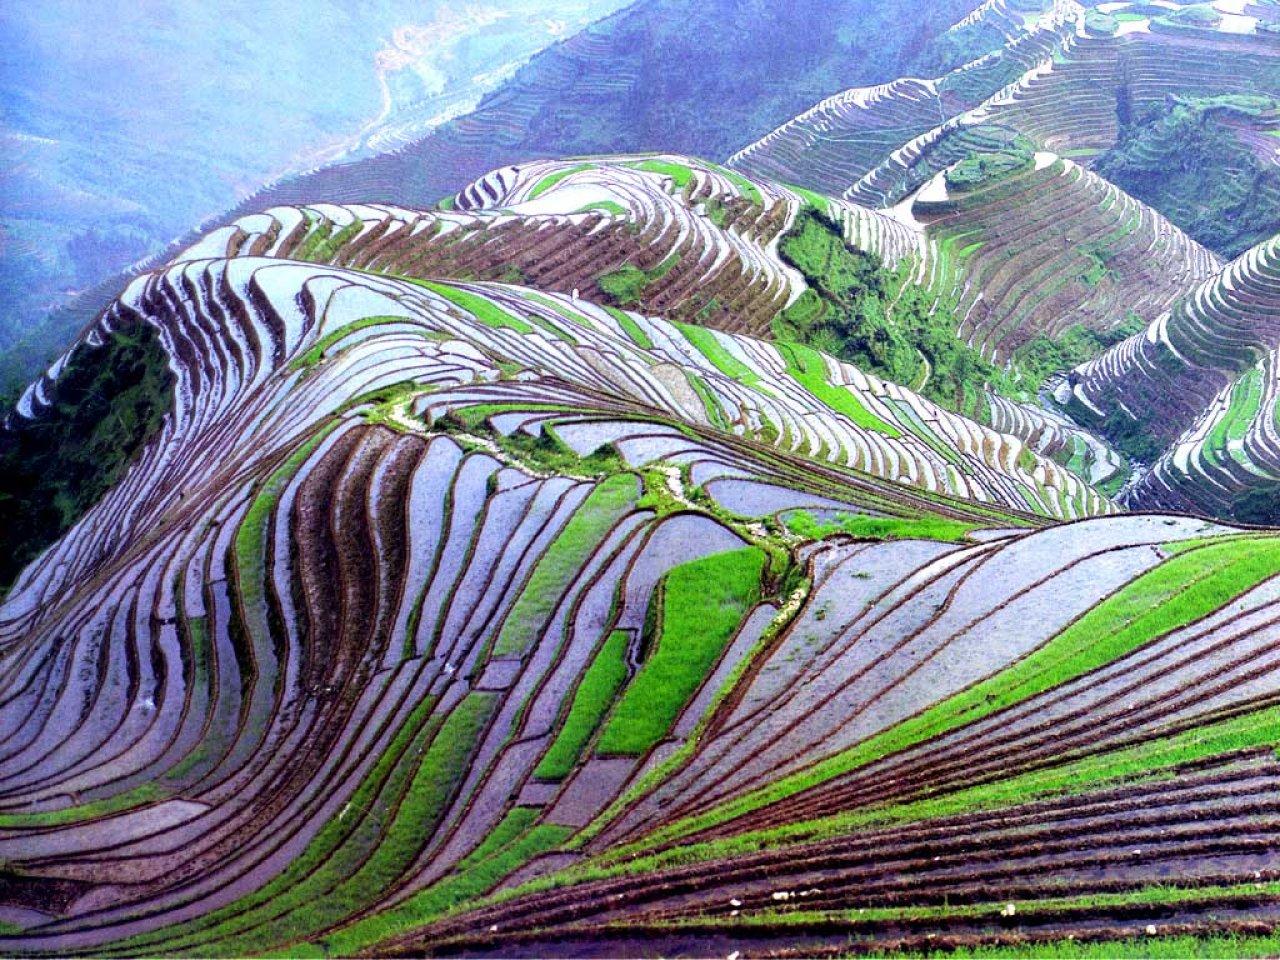 http://4.bp.blogspot.com/-nb9DSX2xVK0/UPgY6x6Xw-I/AAAAAAAAIXk/8g17ttBpGOo/s1600/The+World\'s+Most+Beautiful+Place+pic+2013+05.jpg